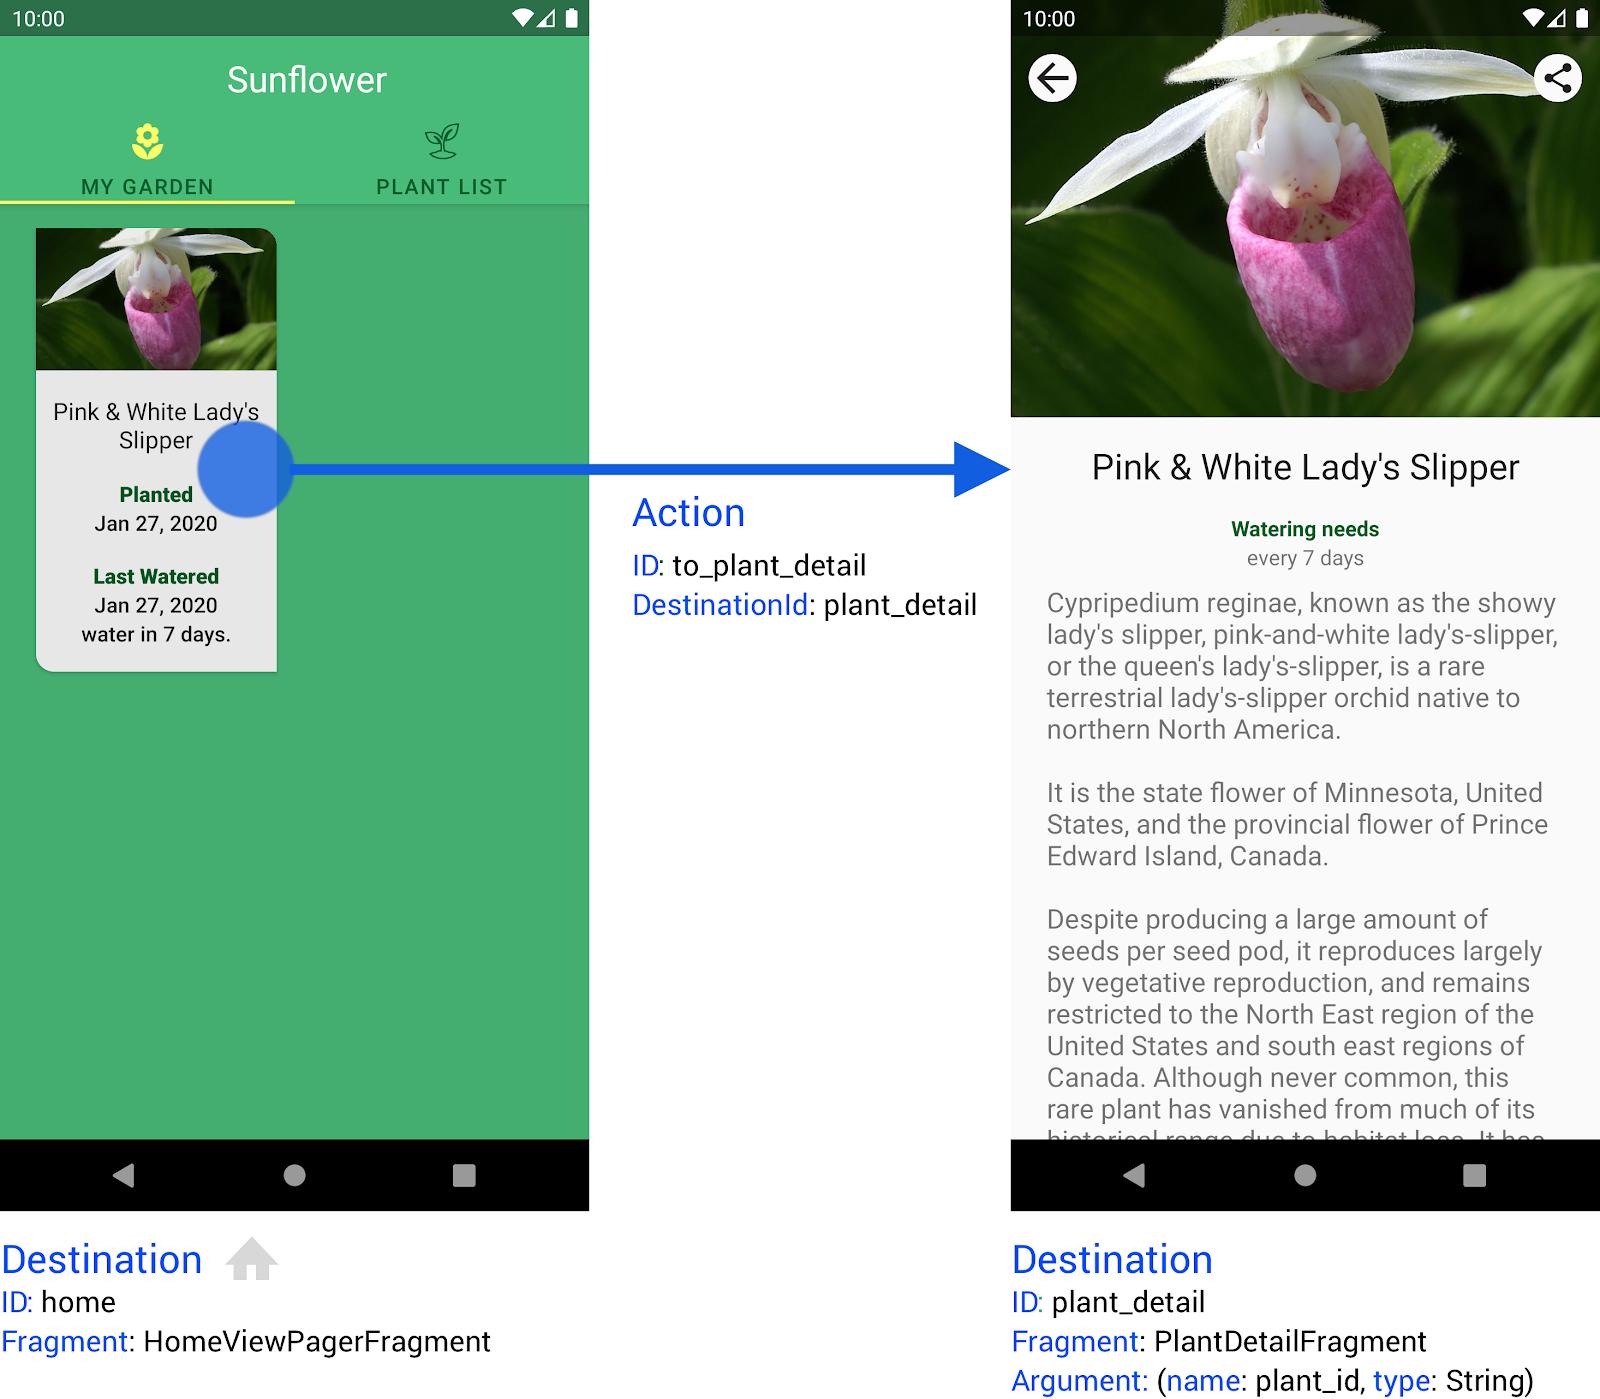 Sunflower 앱에는 두 개의 대상과 두 대상을 연결하는 작업이 있습니다.